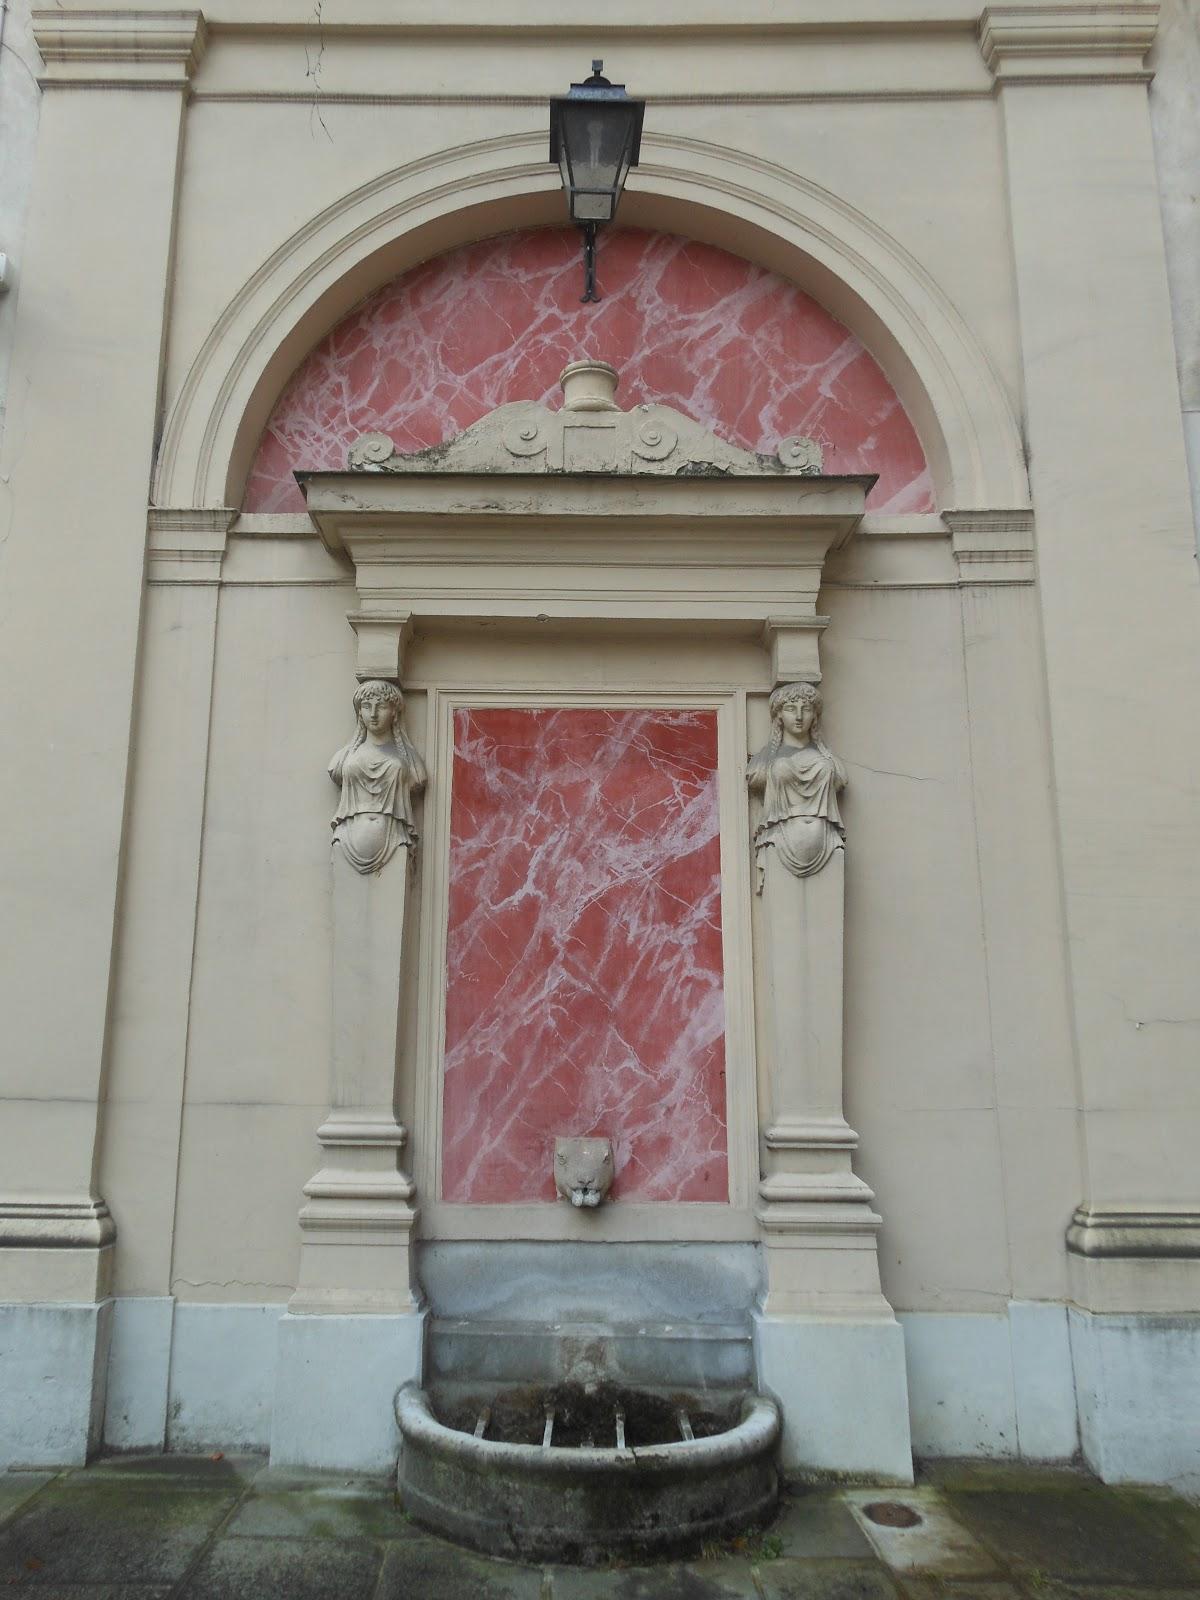 Gesualdo gesualdo istituto italiano di cultura francia for Istituto italiano